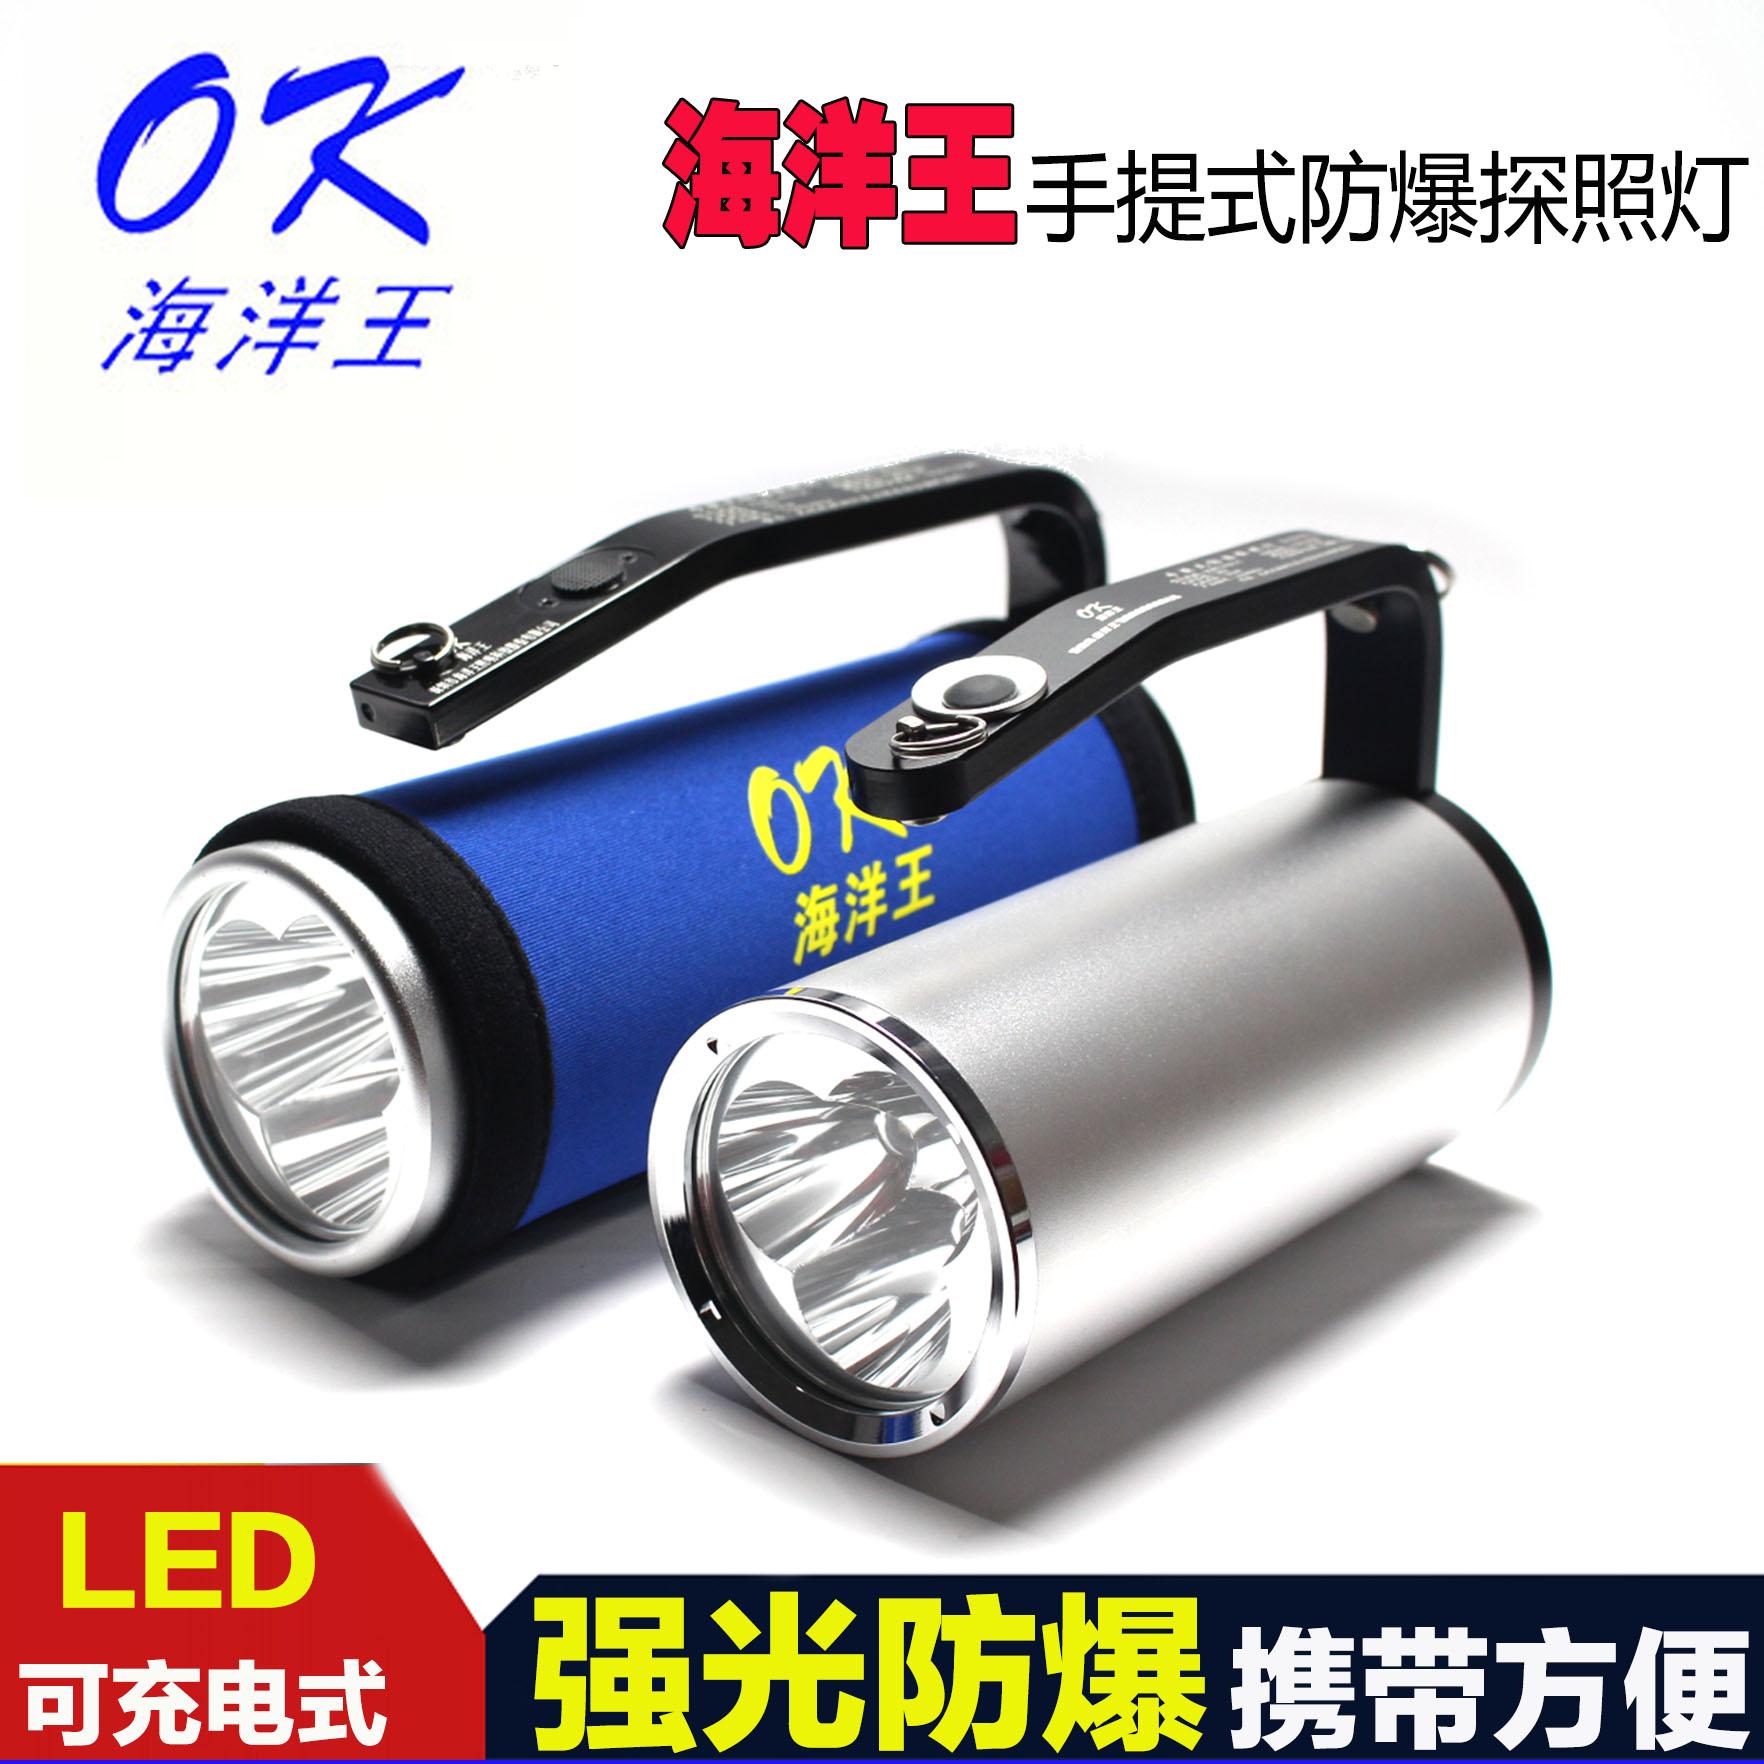 强光手电筒充电器电池RJW7102A手提式防爆探照灯LTRJW7101海洋王